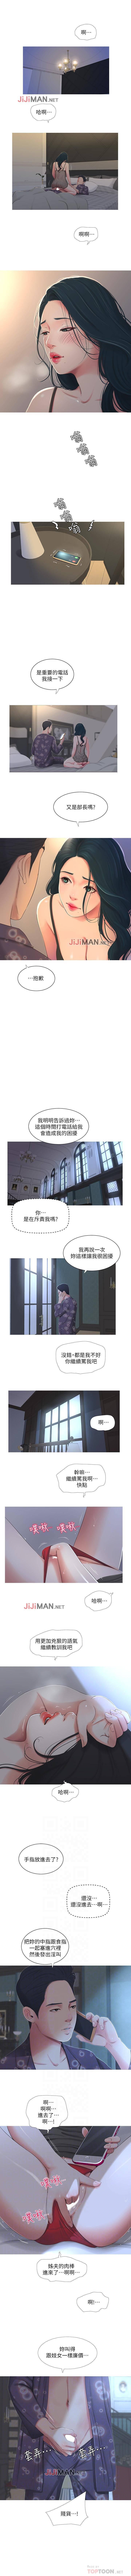 【周四连载】亲家四姐妹(作者:愛摸) 第1~27话 13